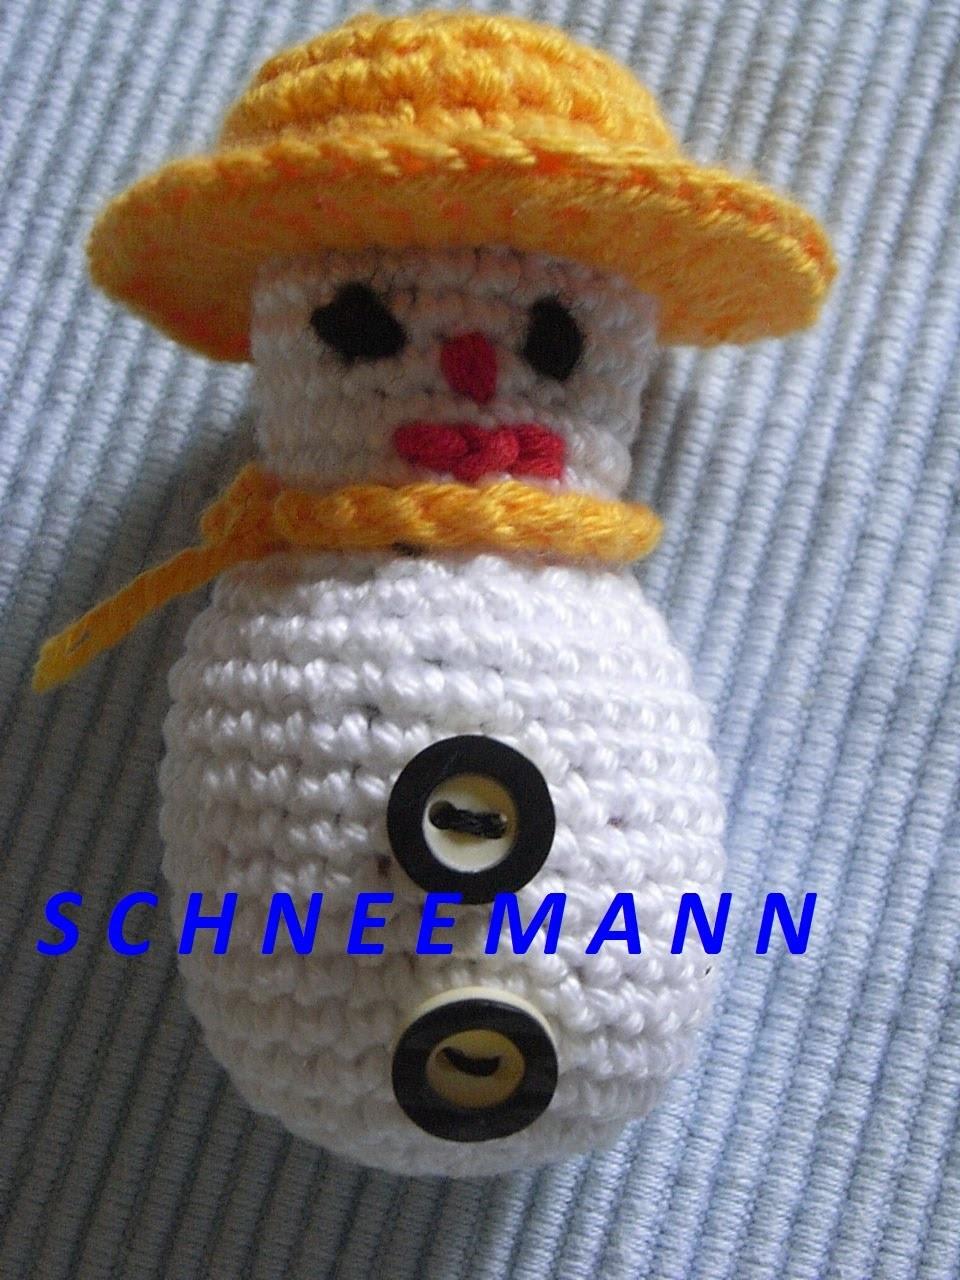 Schneemann Häkeln*Tutorial Snowman crochet*Weihnachtsdekoration*Handarbeit